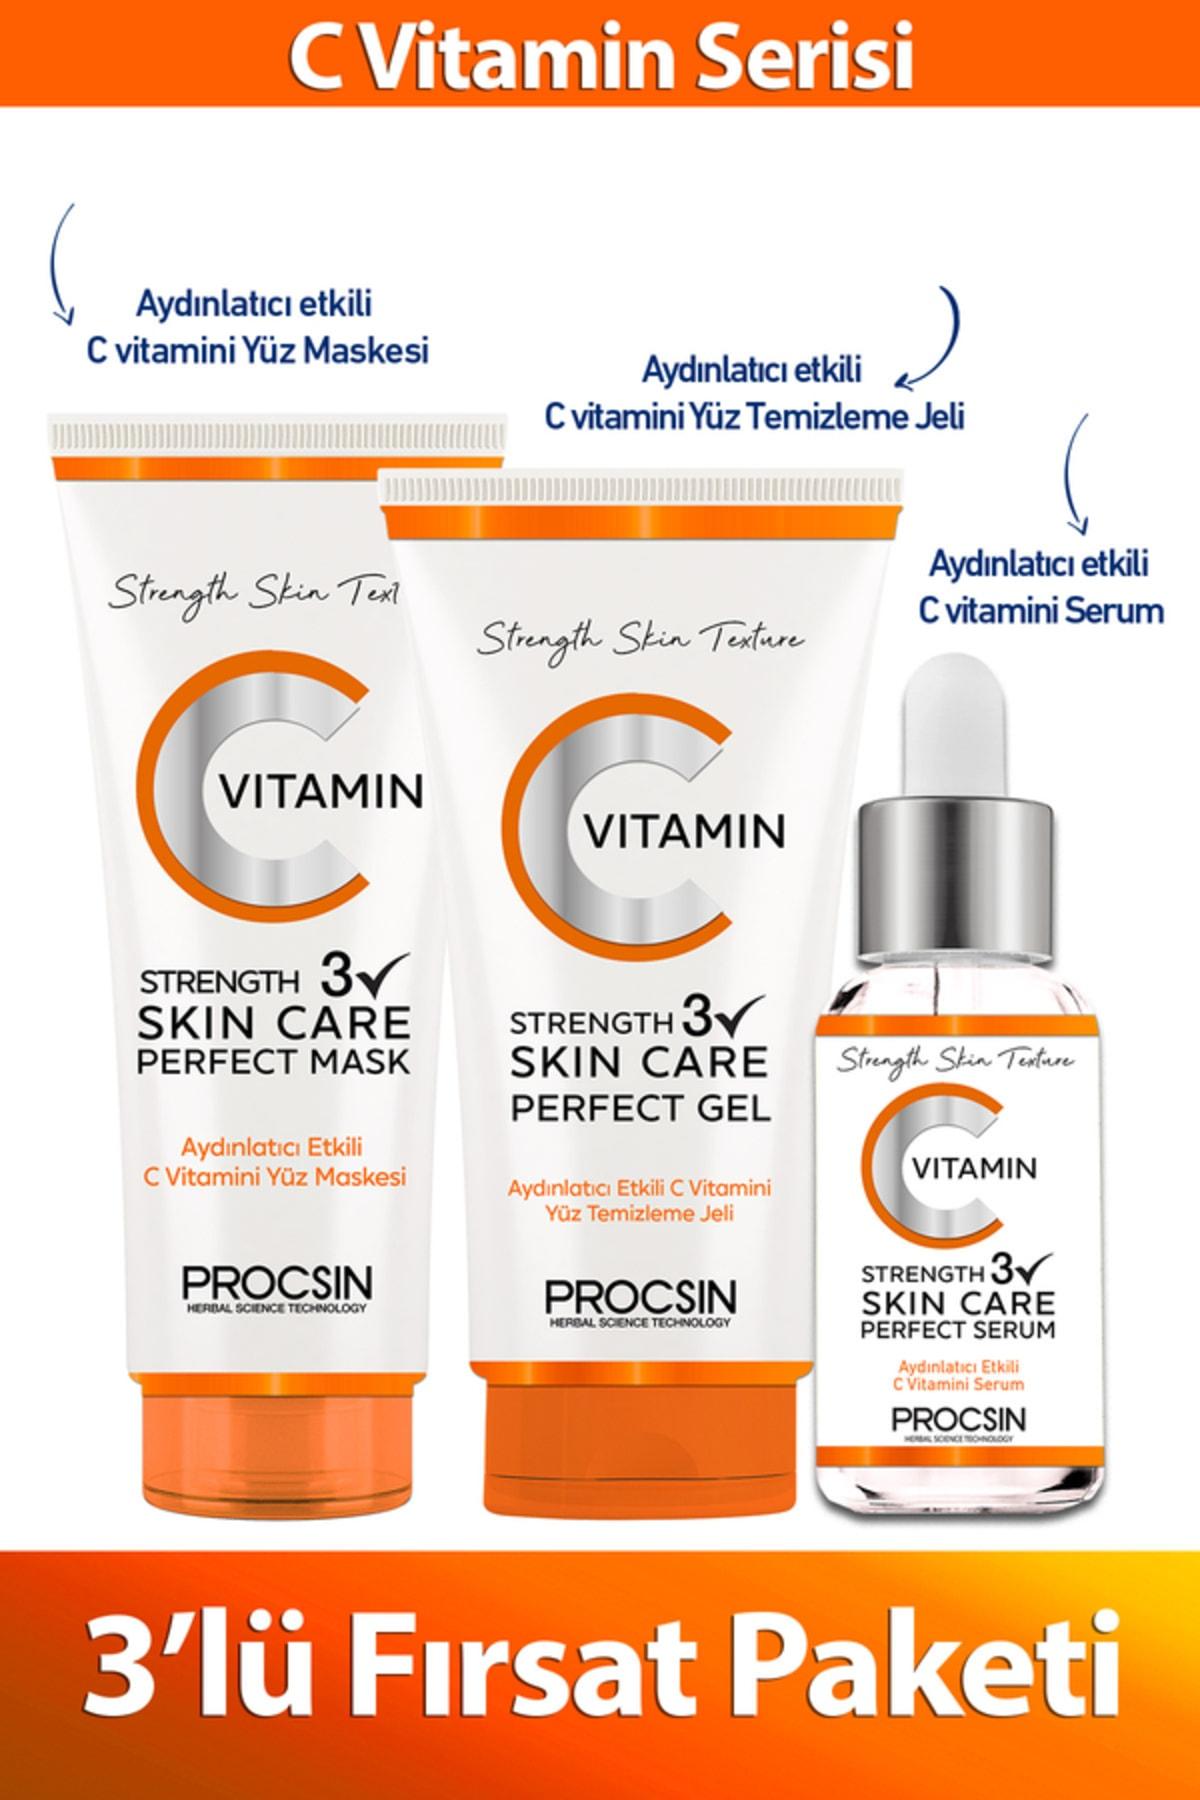 Procsin C Vitamini Seti